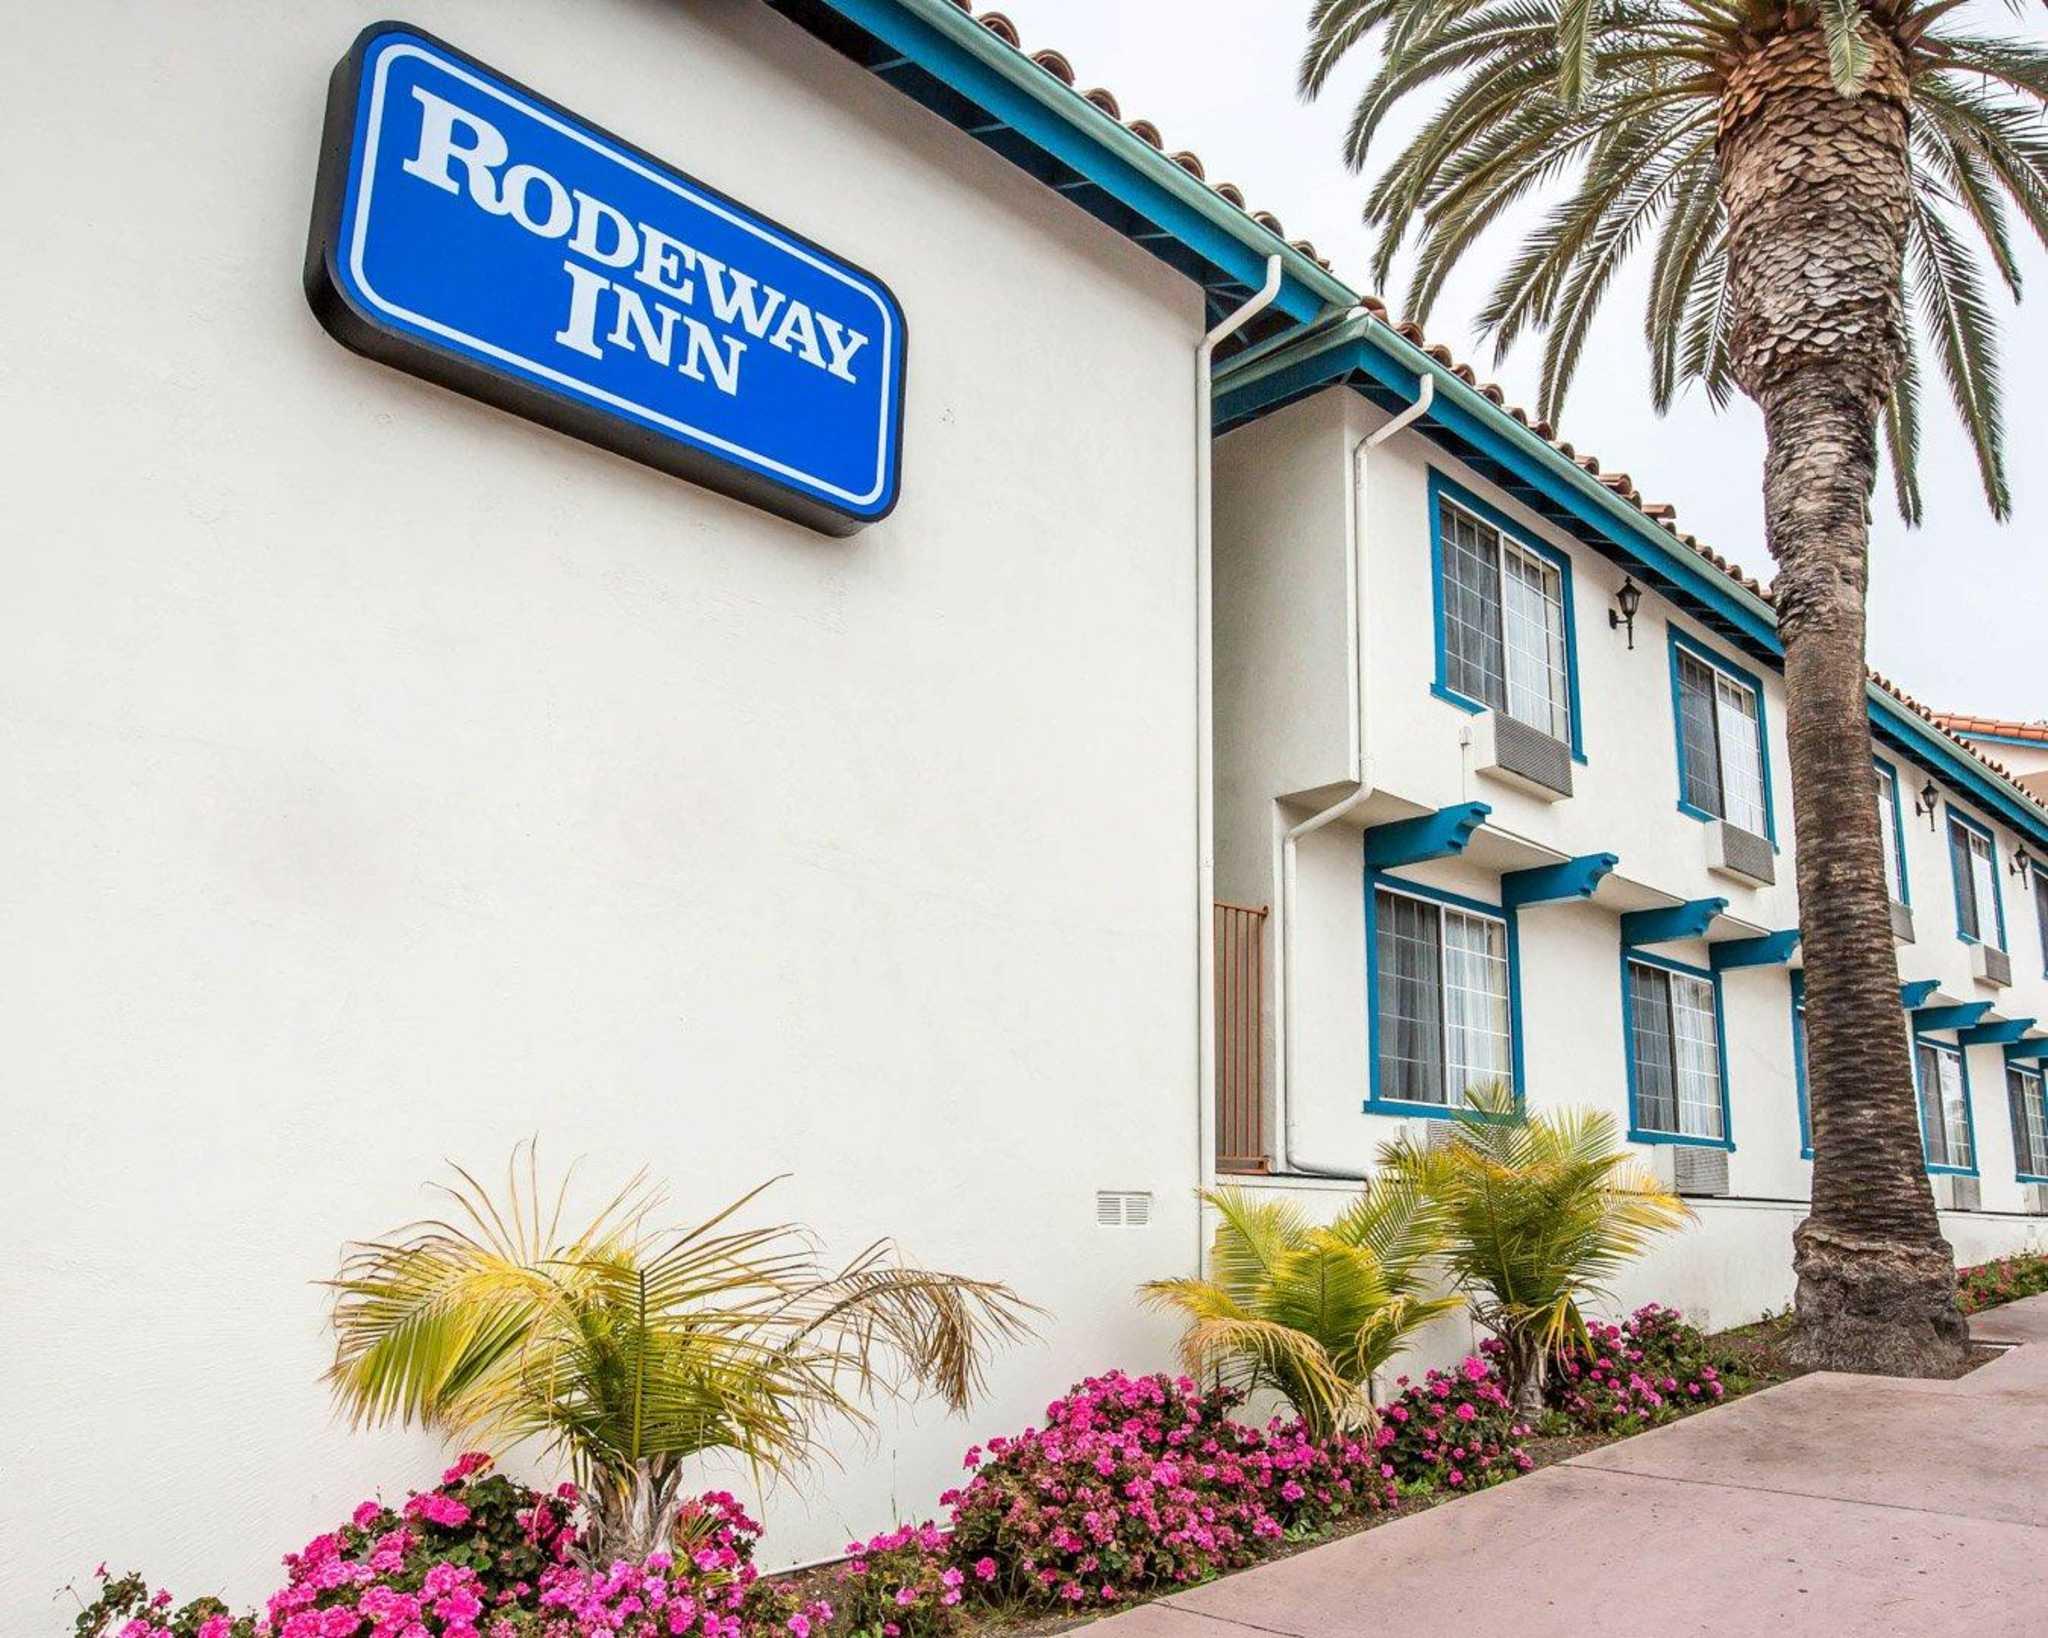 Rodeway Inn San Clemente Beach image 0